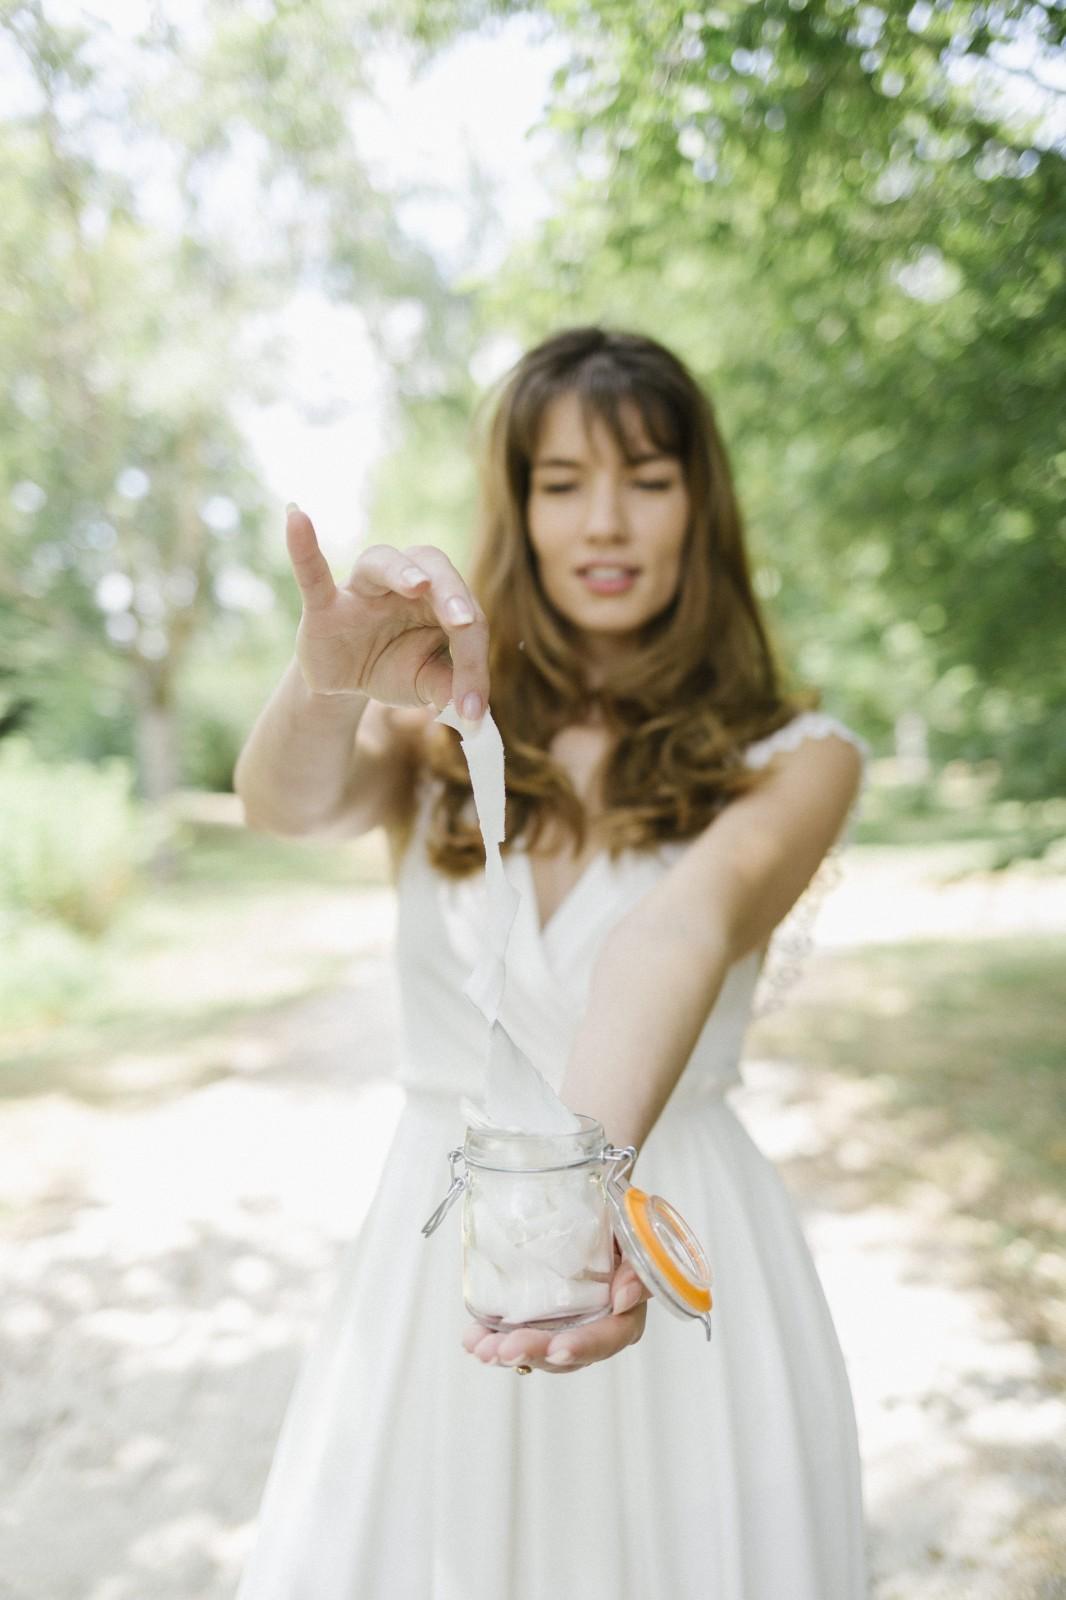 la robe zoé est une robe de mariée réalisée de façon a n'avoir pas de chutes quand la robe est coupée.